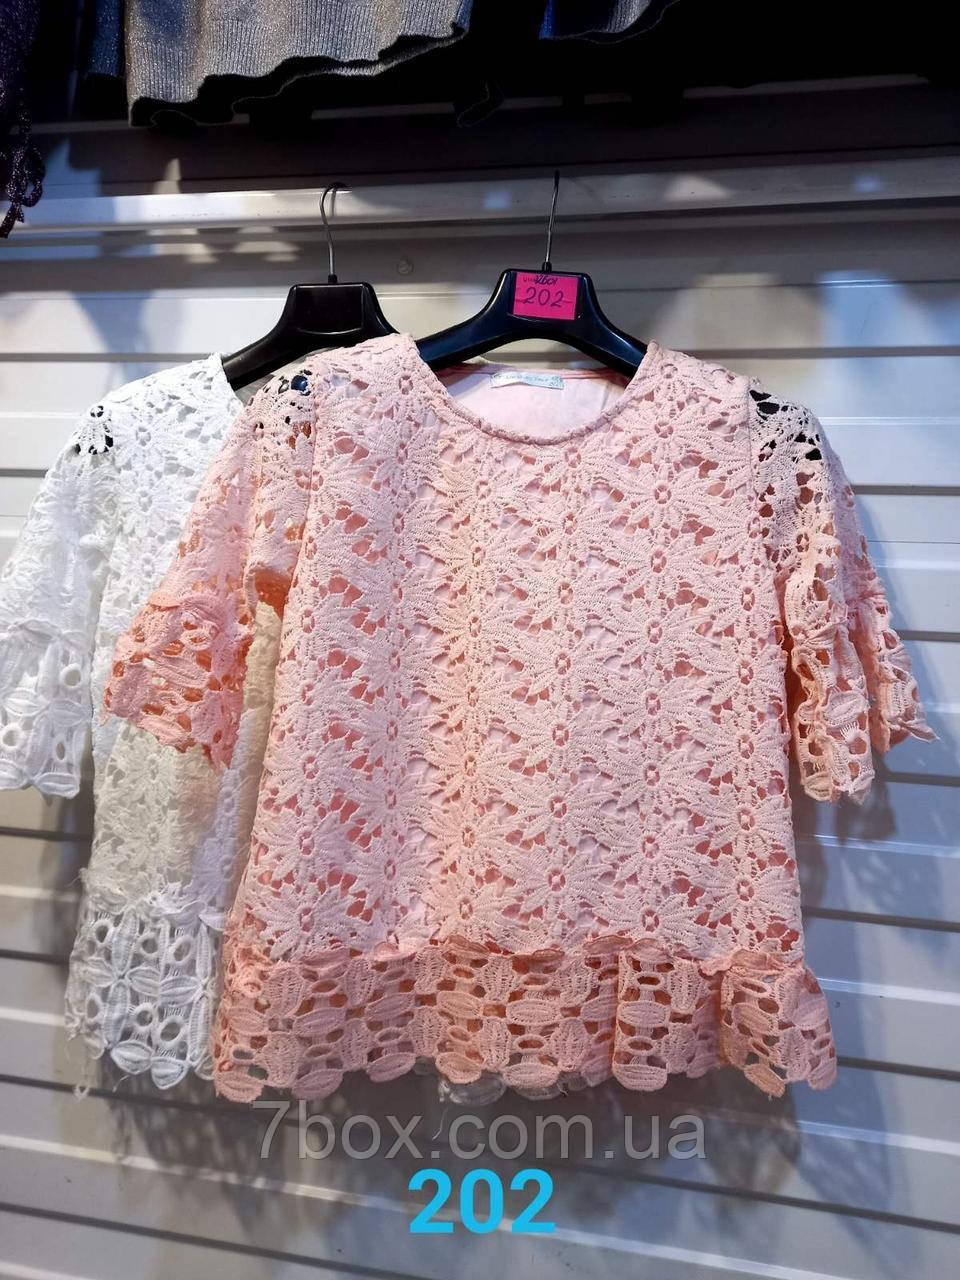 Женская блуза кружево белая 42-46